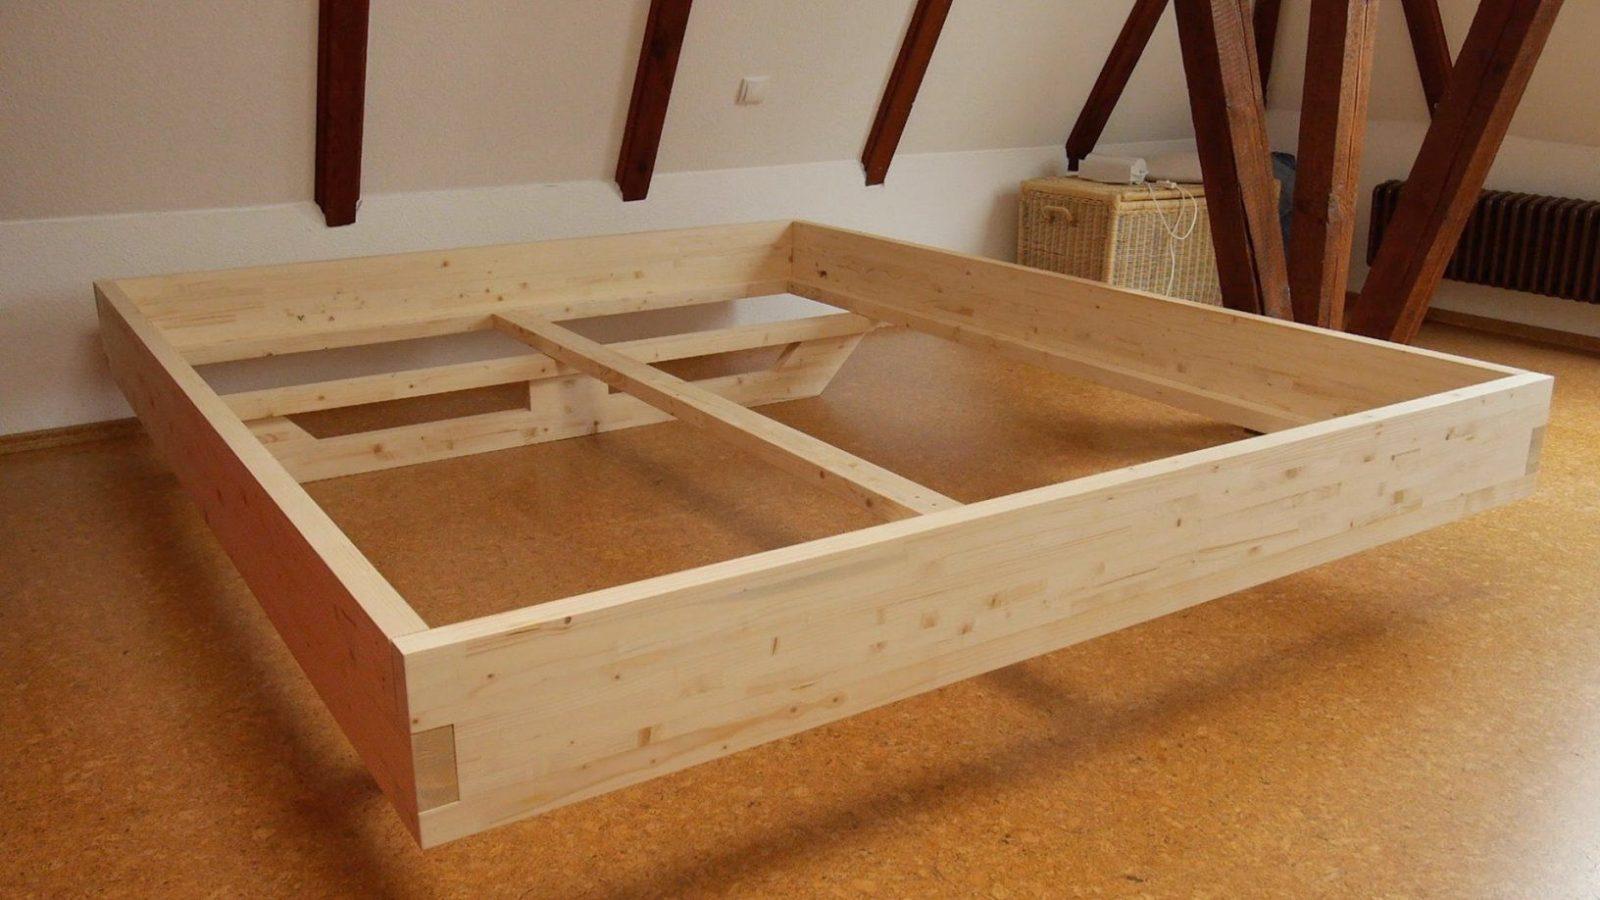 Diy Massivholzbett Selber Bauen  Youtube von Massivholz Bett Selber Bauen Photo